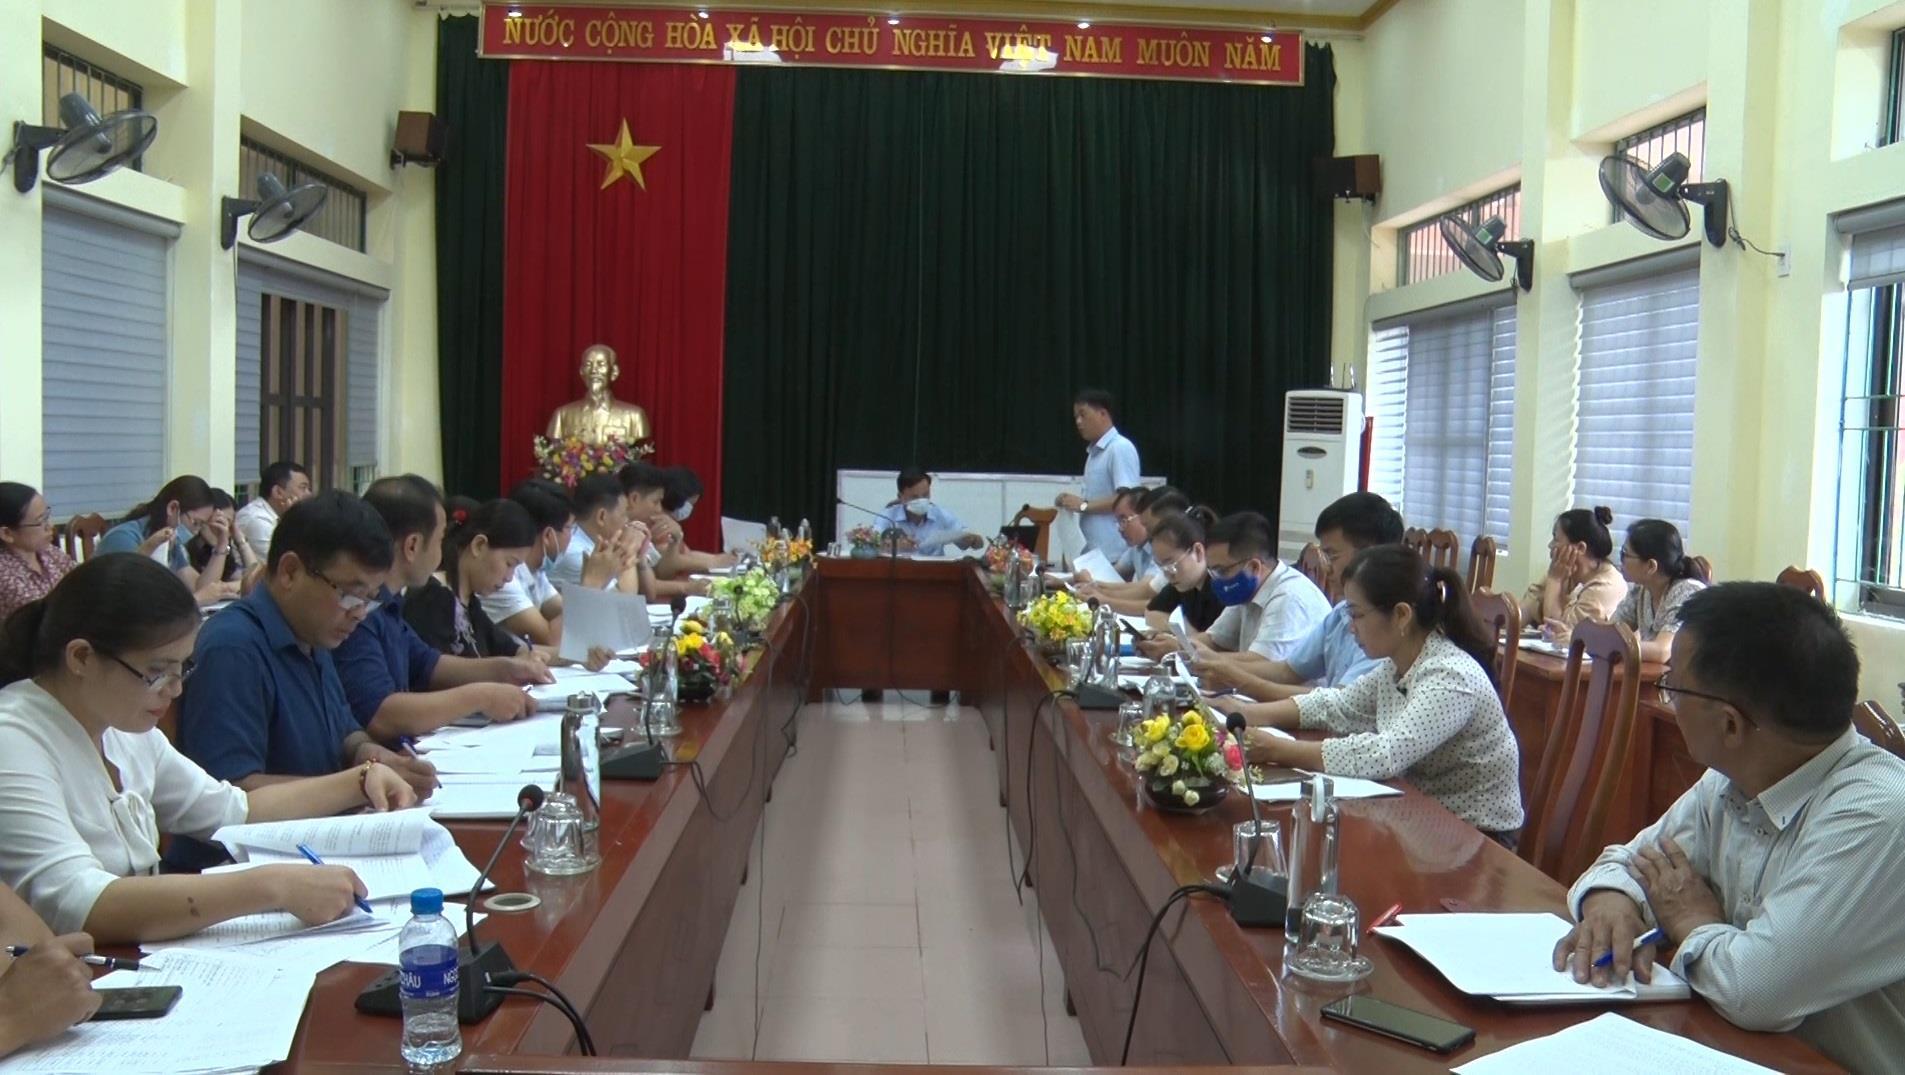 Hà Quảng: Họp Ban Chỉ đạo xây dựng nông thôn mới